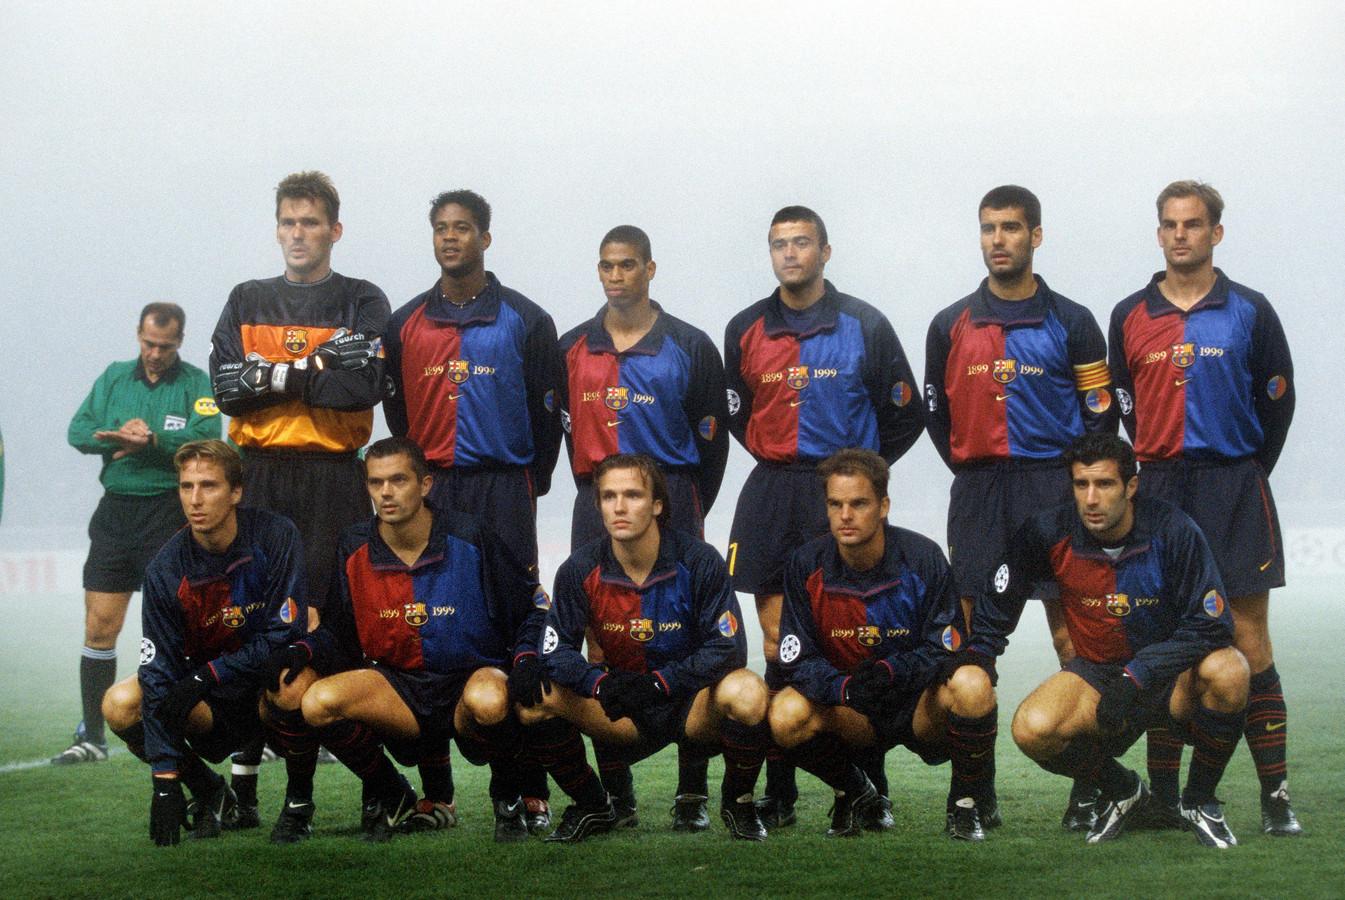 De teamfoto van FC Barcelona op 23 november 1999. Boven:Ruud Hesp. Patrick Kluivert, Michael Reiziger, Luis Enrique, Pep Guardiola, Ronald de Boer. Onder: Frederic Dehu, Philip Cocu, Boudewijn Zenden, Frank de Boer en Luis Figo.